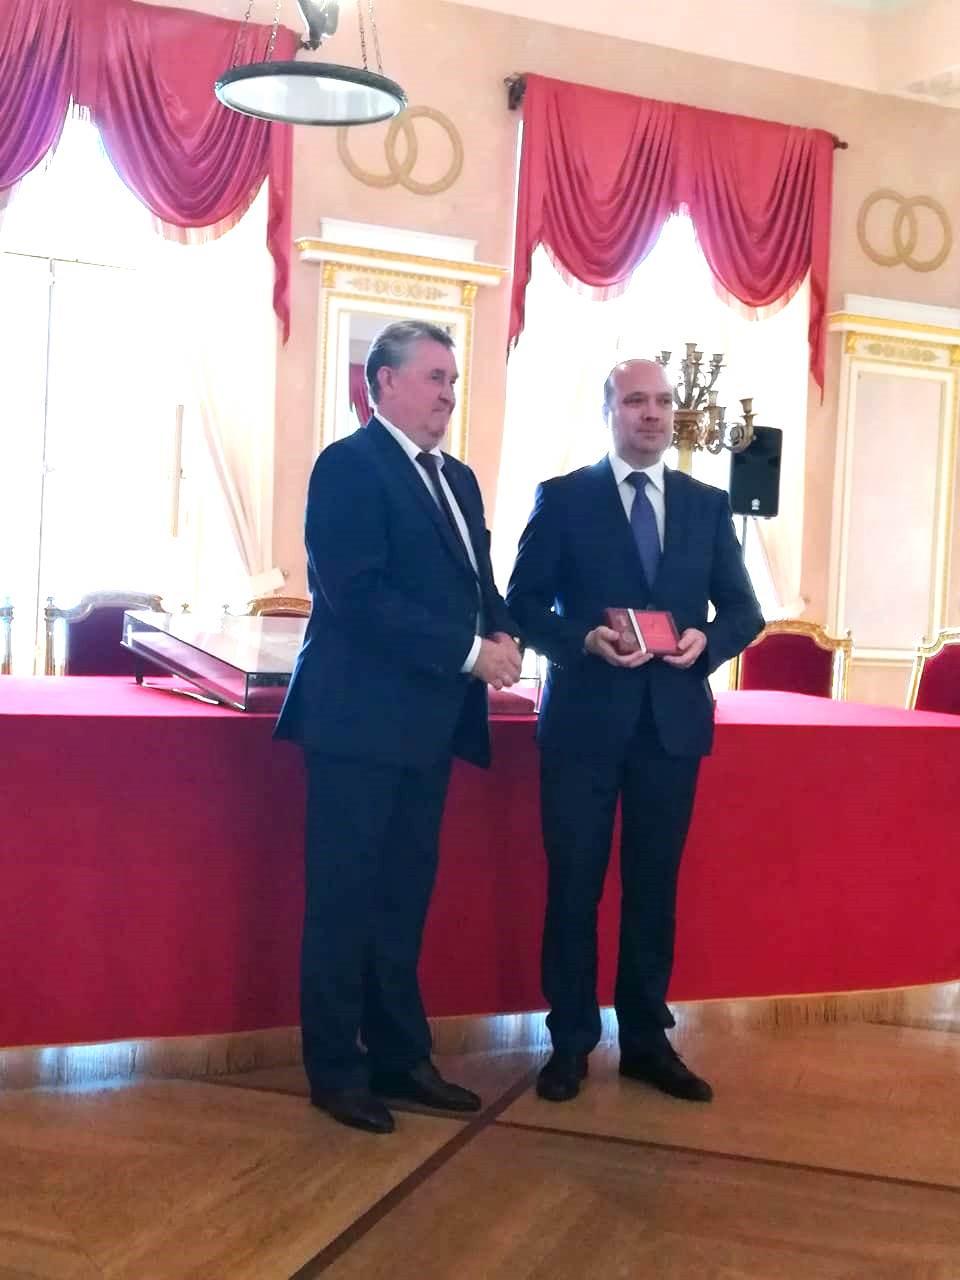 Виссарионов С. В. награждён почётным Знаком муниципального Совета г. Пушкина «За заслуги» (медаль I степени)